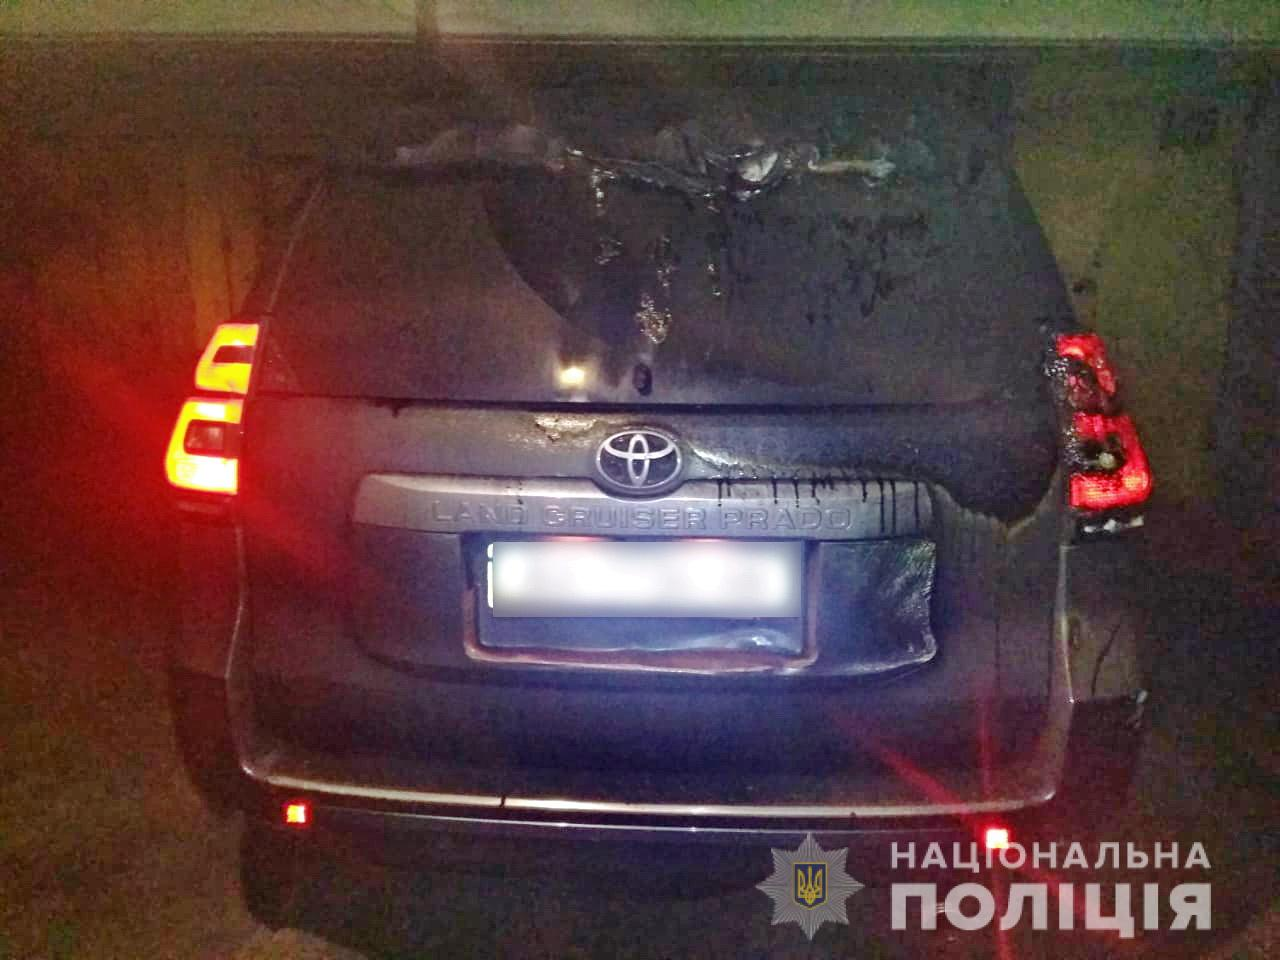 В Харькове воры, похищая дорогую иномарку, случайно ее подожгли (фото)